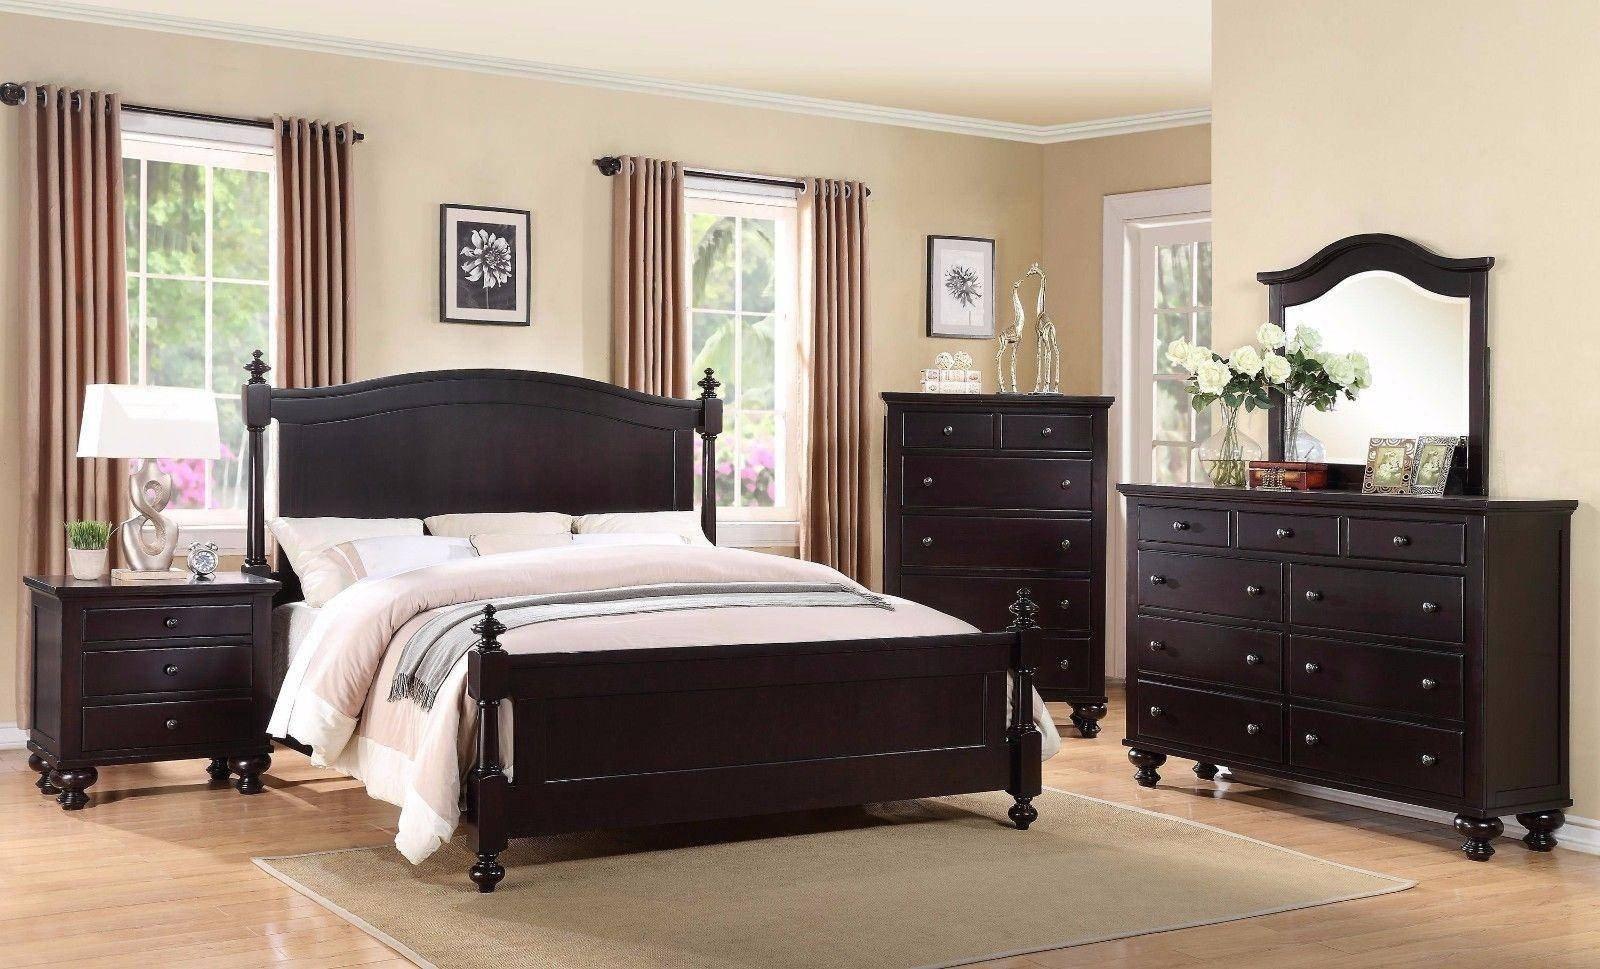 3 Piece Bedroom Furniture Set Best Of Crown Mark B1350 sommer Traditional Black Espresso King Size Bedroom Set 3 Pcs